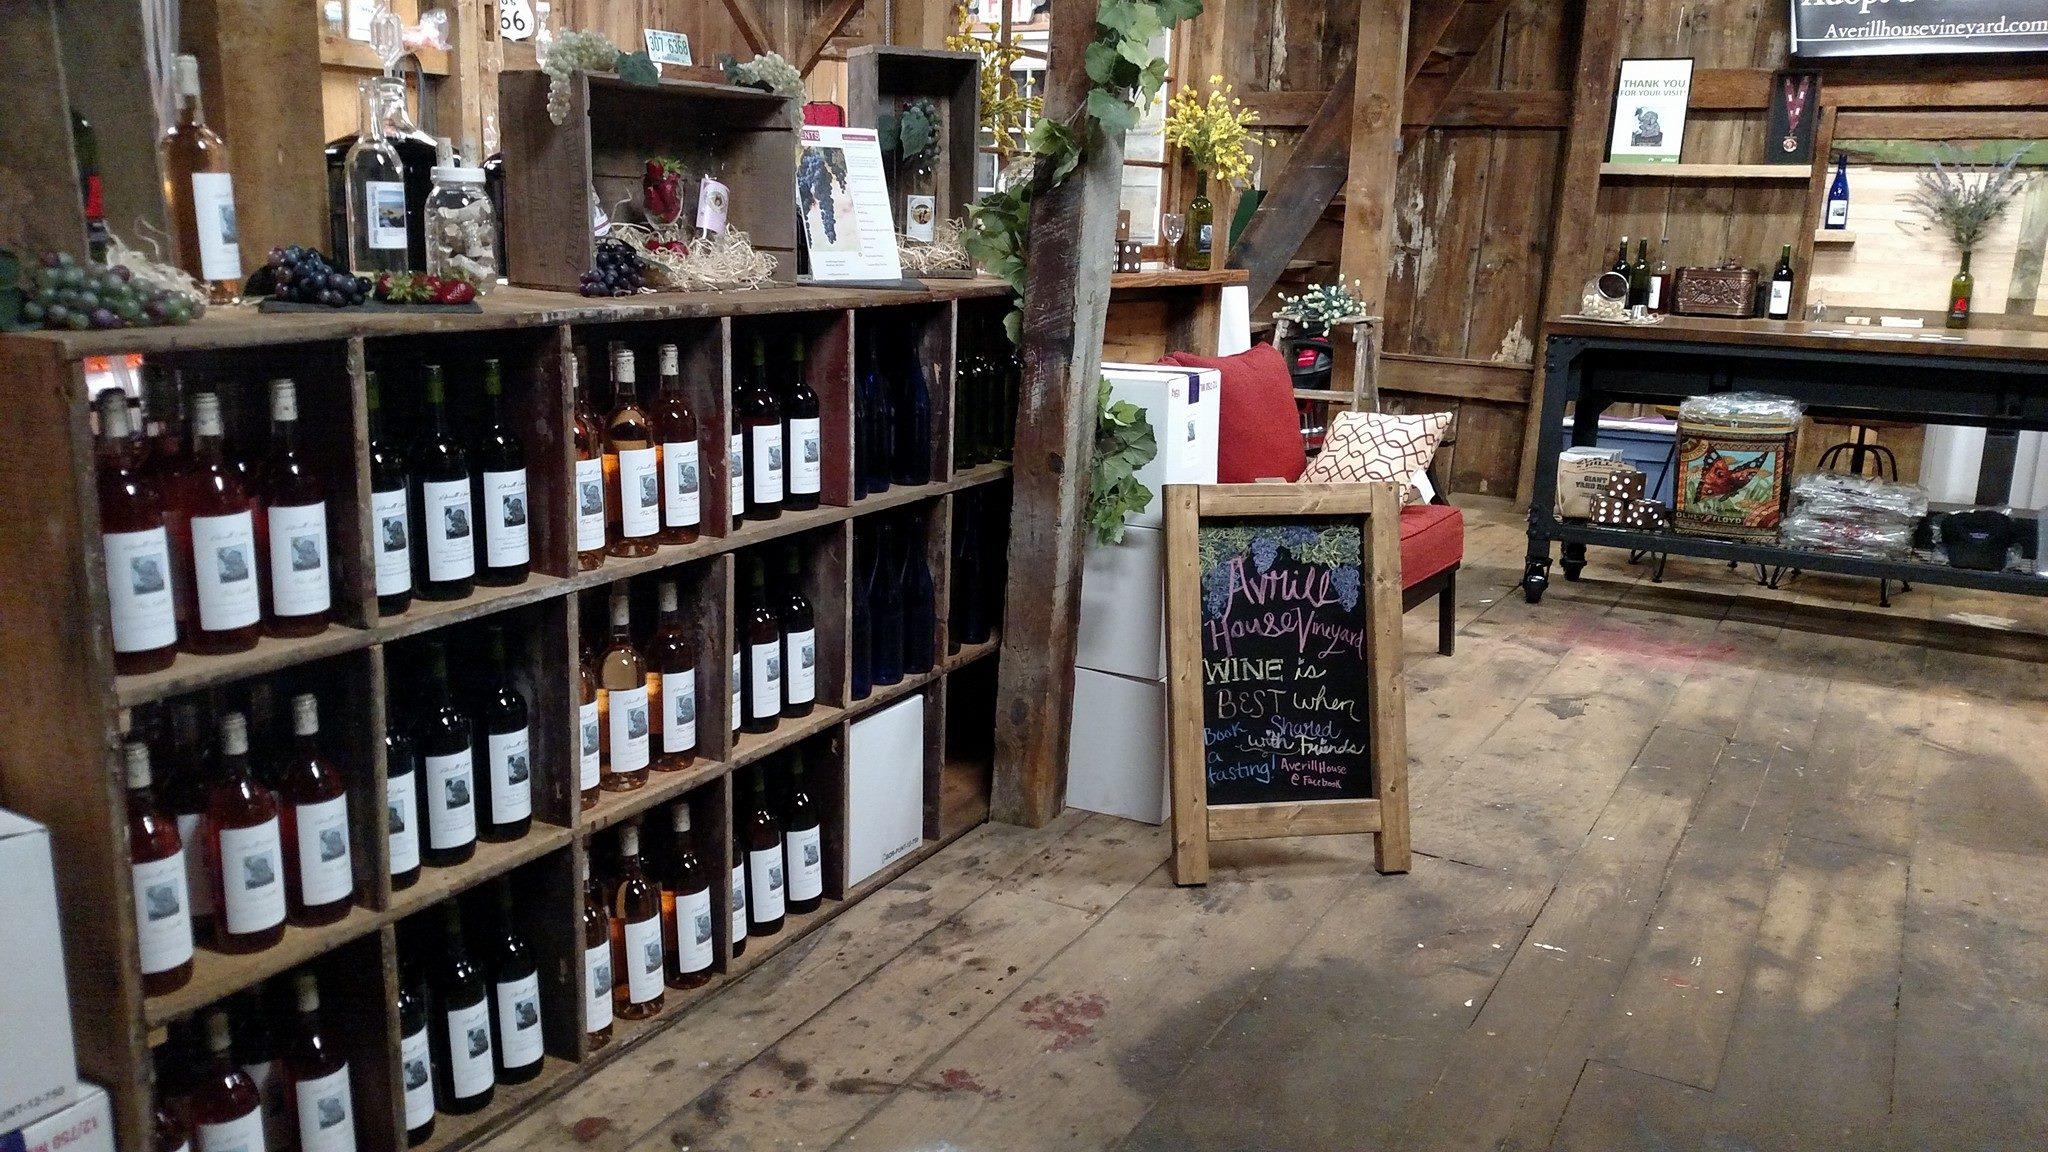 Averill House Vineyard Tasting Room